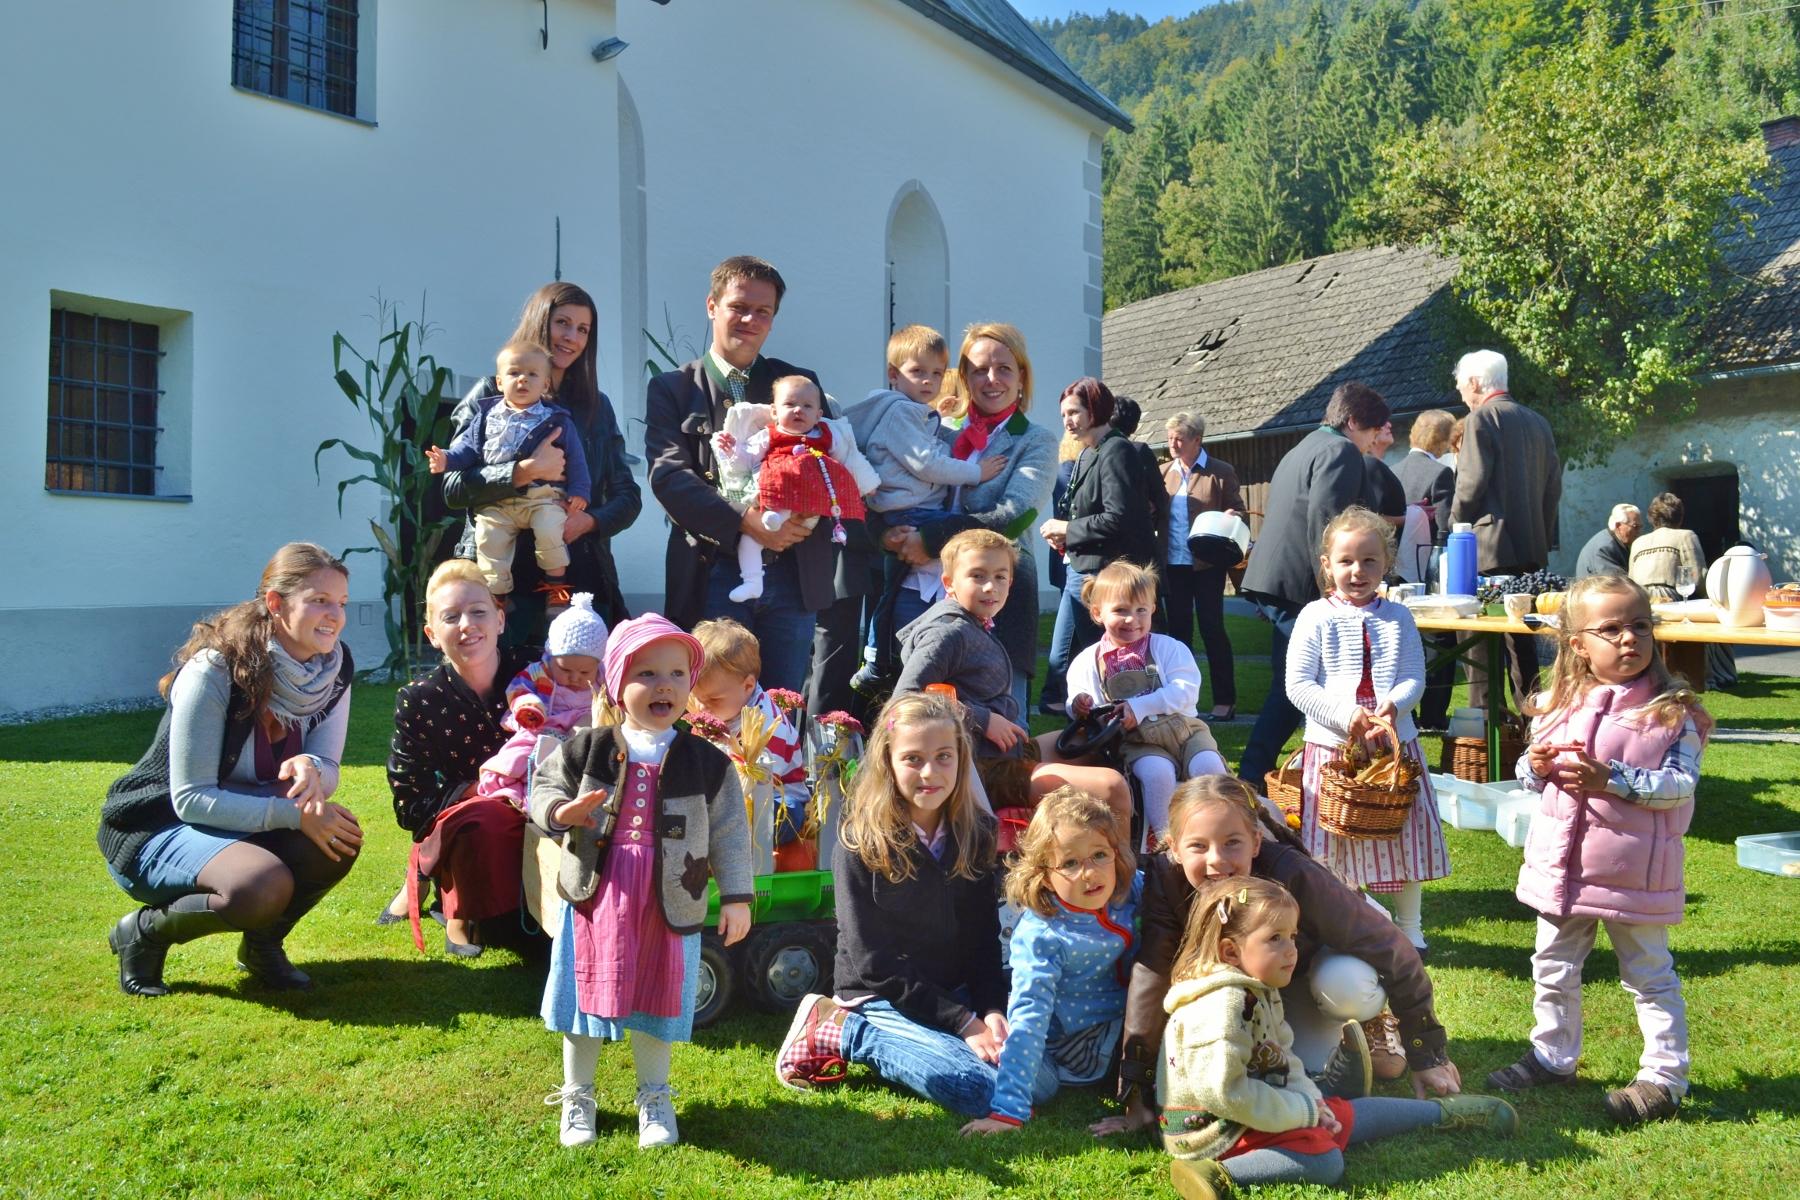 Erntedank in Bach ist auch ein Fest für Kinder